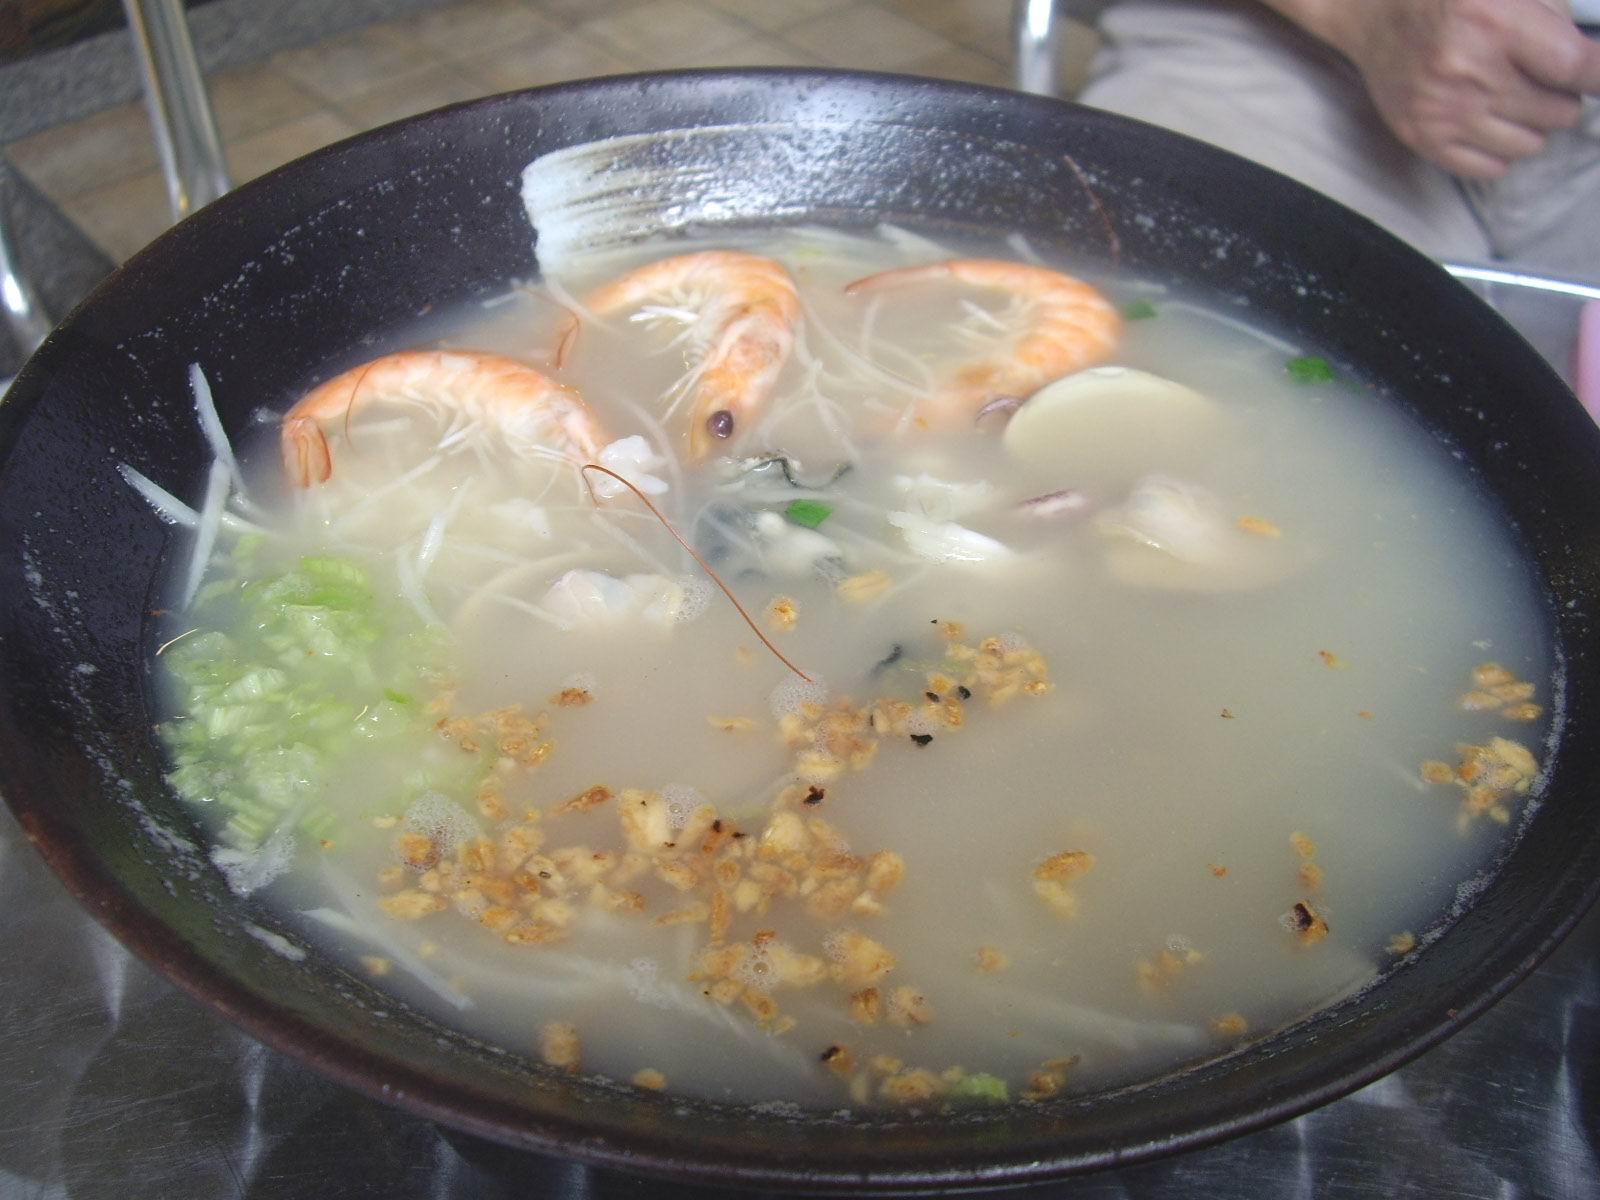 hito报马仔- 『鲜味』海鲜粥